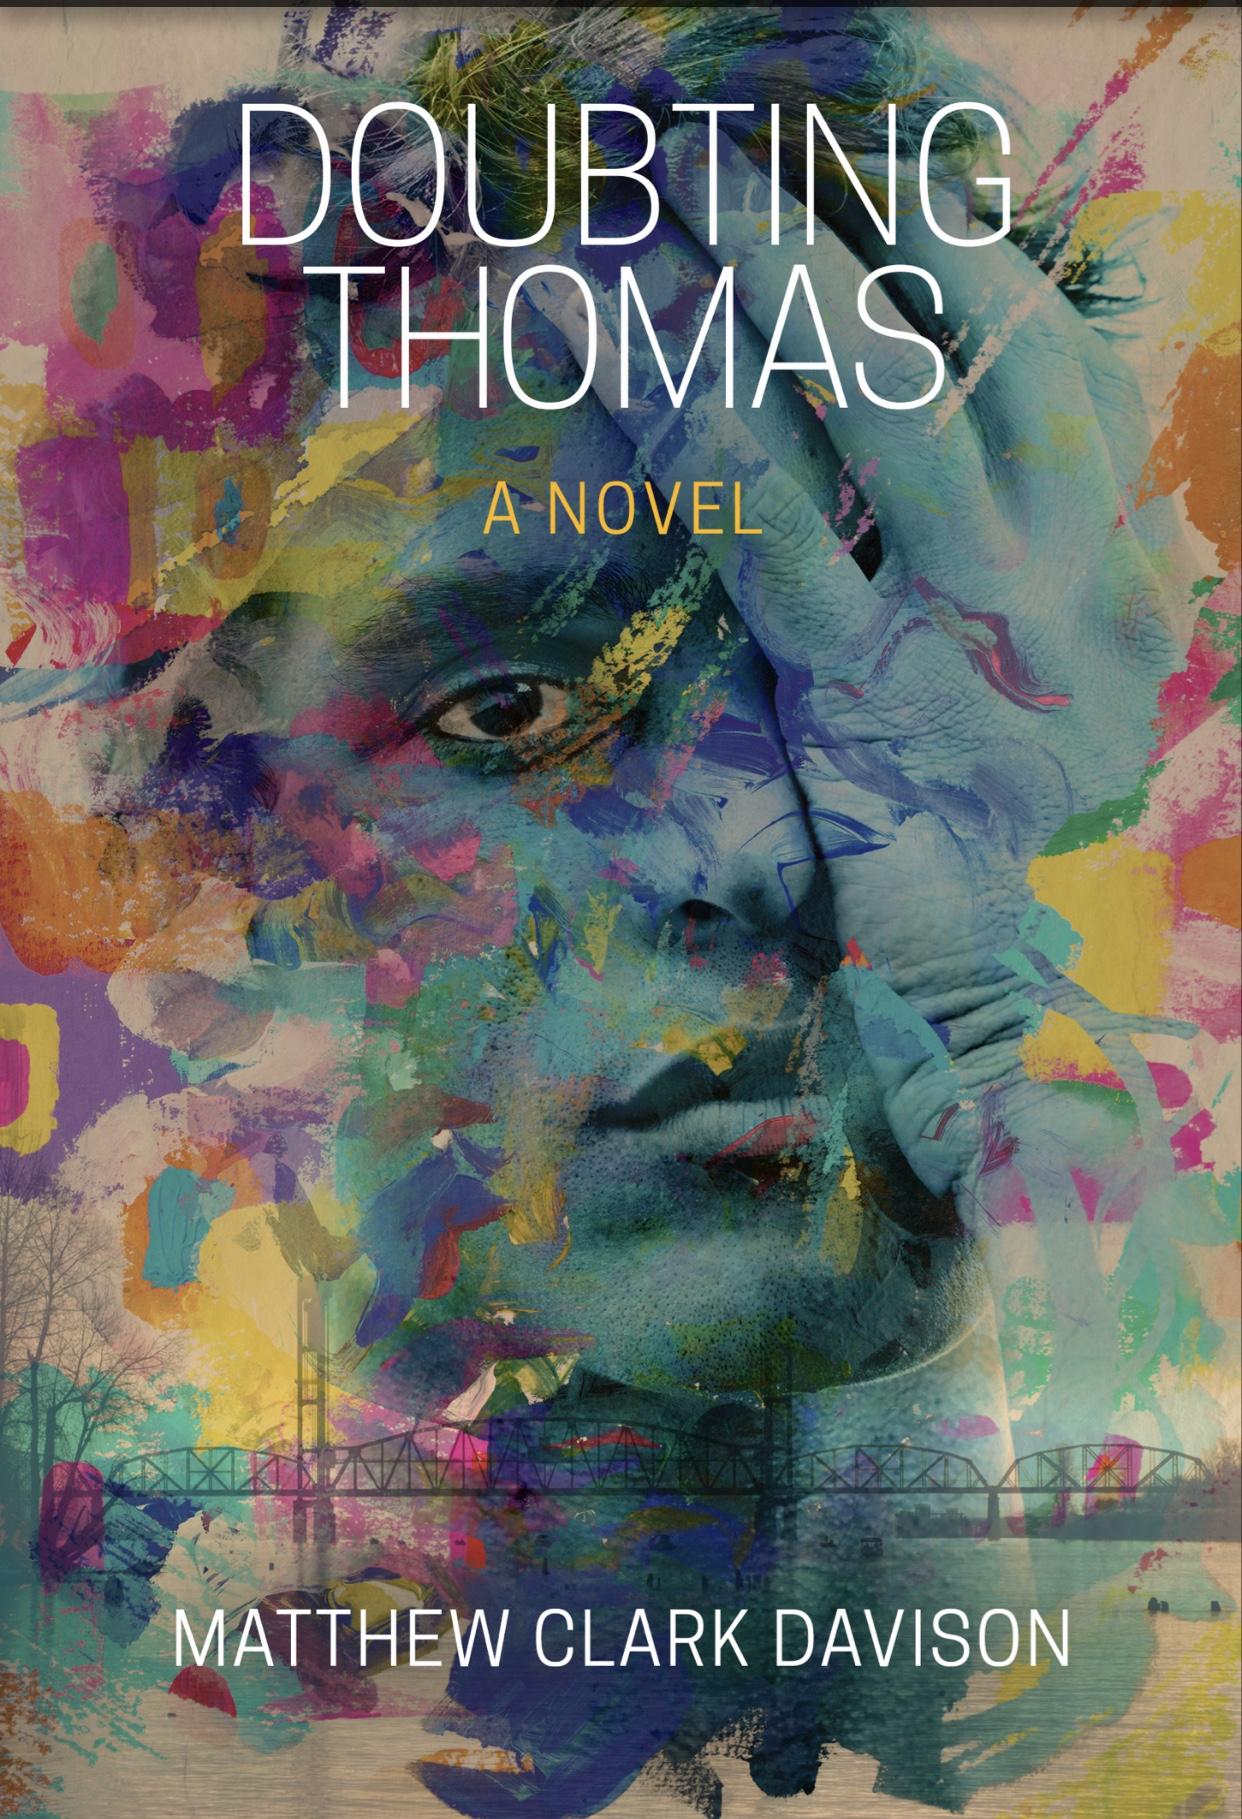 Excerpt of Matthew Clark Davison's Doubting Thomas image